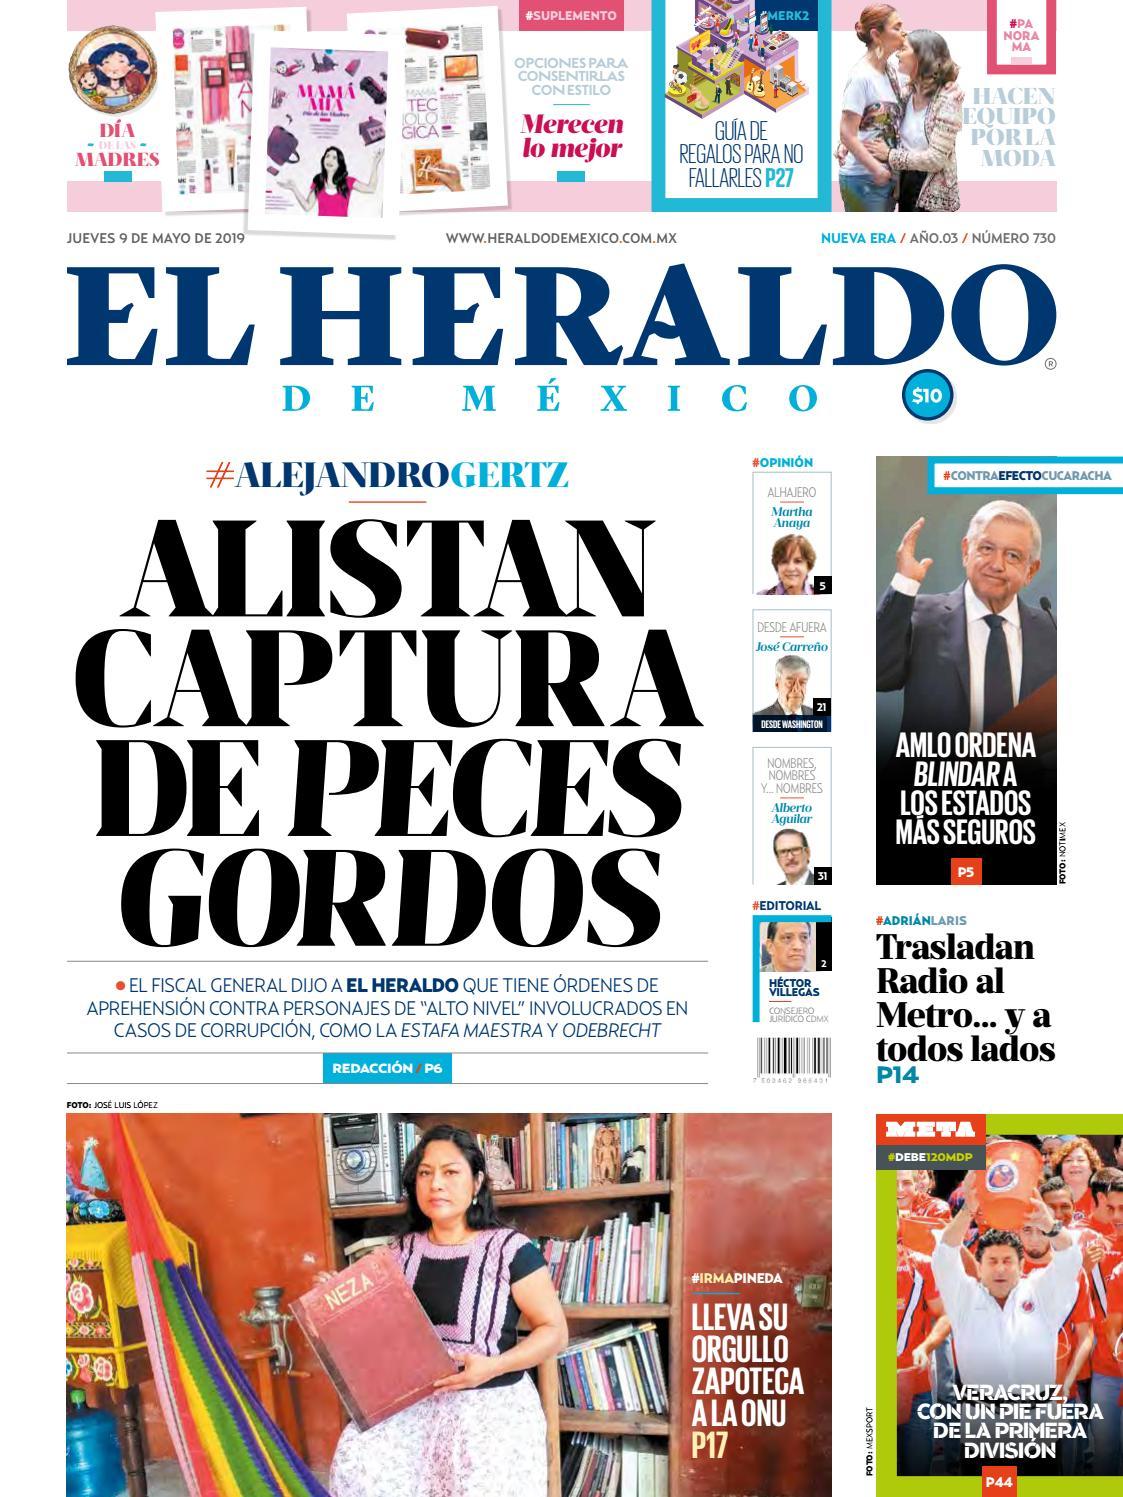 48a6a54f6 Jueves 9 de mayo de 2019 by El Heraldo de México - issuu